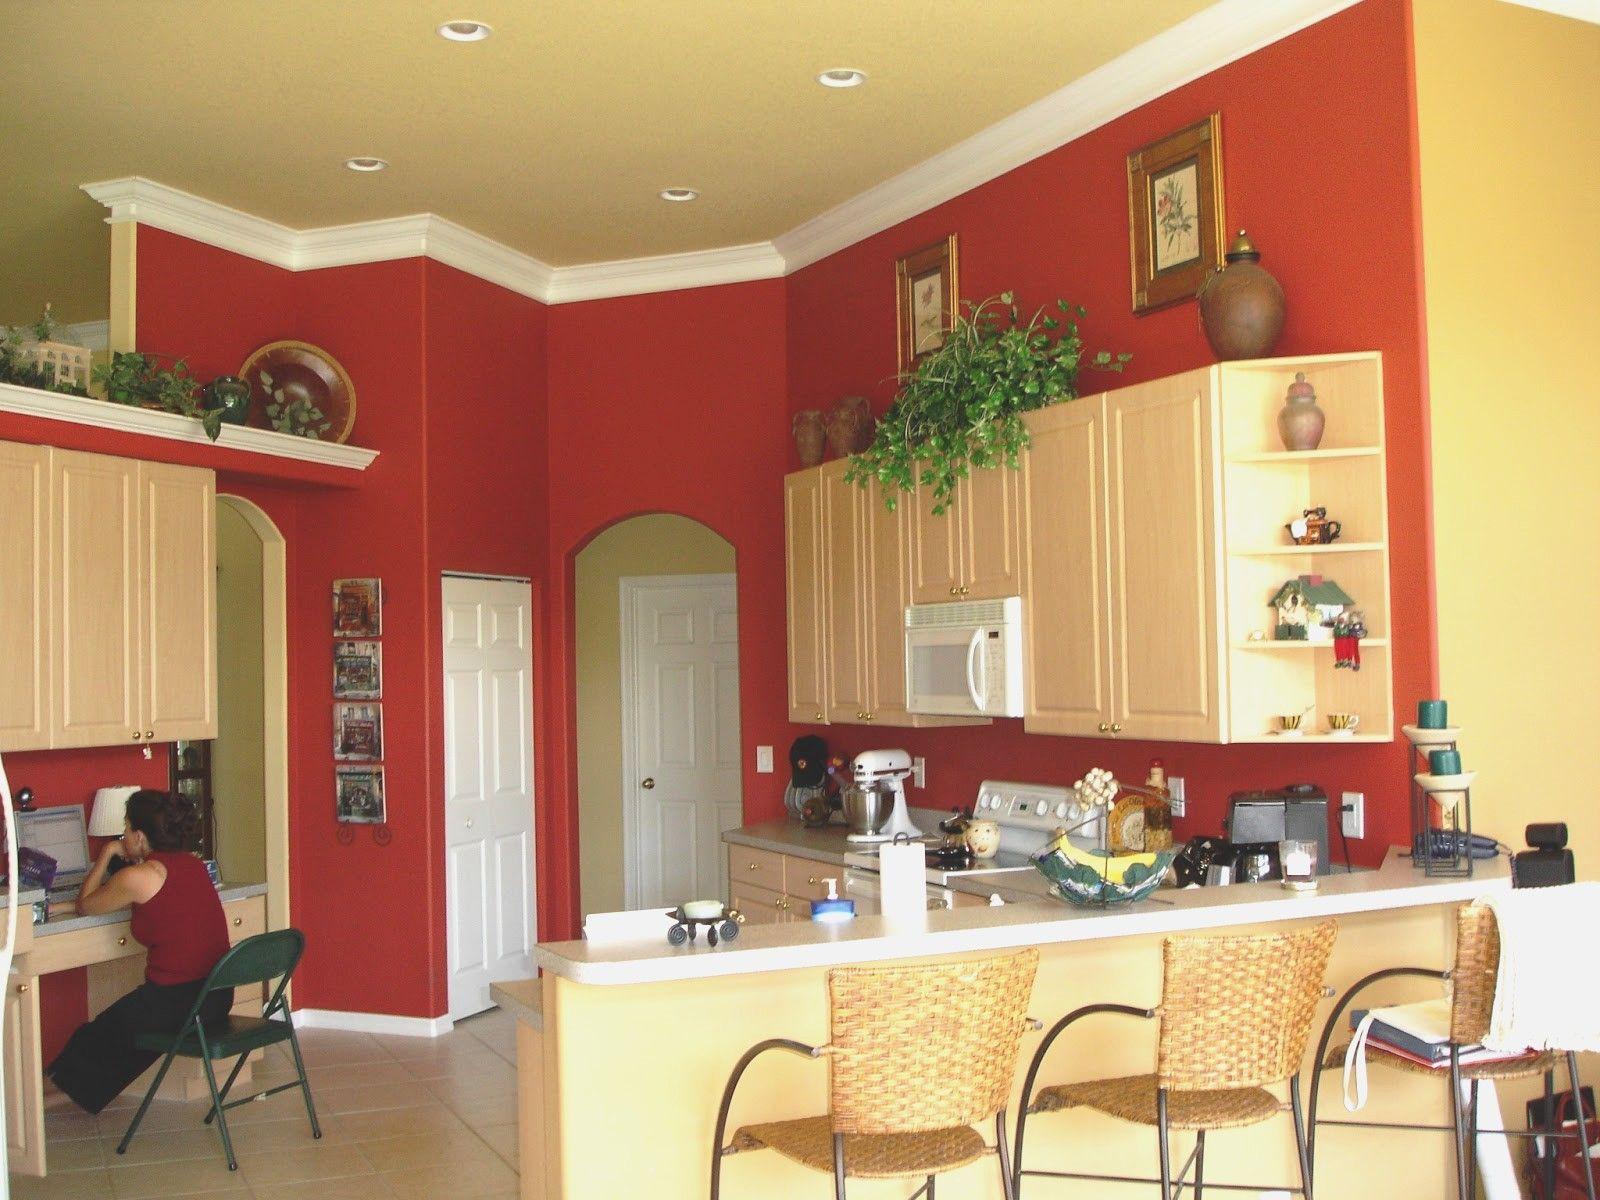 Paint Colors For Kitchen Walls   Best Gray Paint Colors For Kitchen Walls,  Best Paint Colors For Kitchen Walls, Choosing A Paint Color For Kitchen  Walls, ...